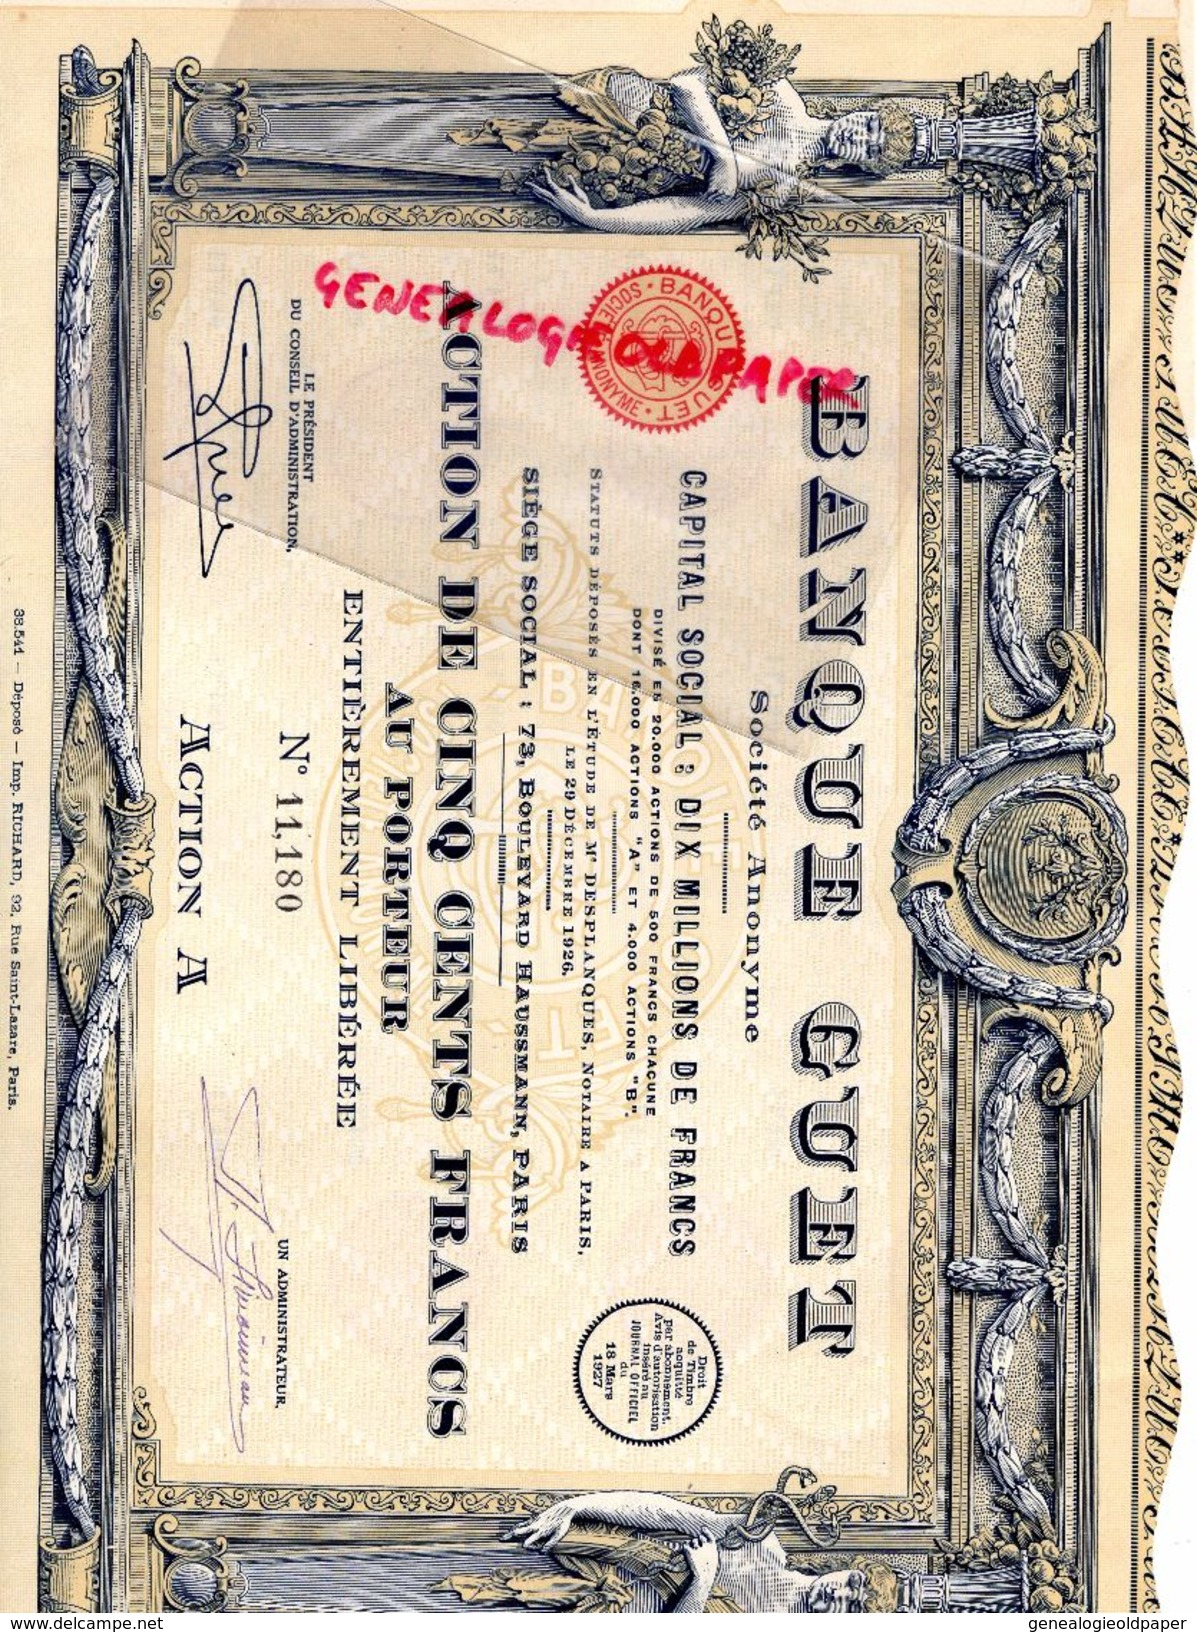 75 - PARIS- BANQUE GUET -ACTION 500 FRANCS- 1926- 73 BD HAUSSMANN- MAITRE DESPLANQUES NOTAIRE -IMPRIMERIE RICHARD - Banque & Assurance